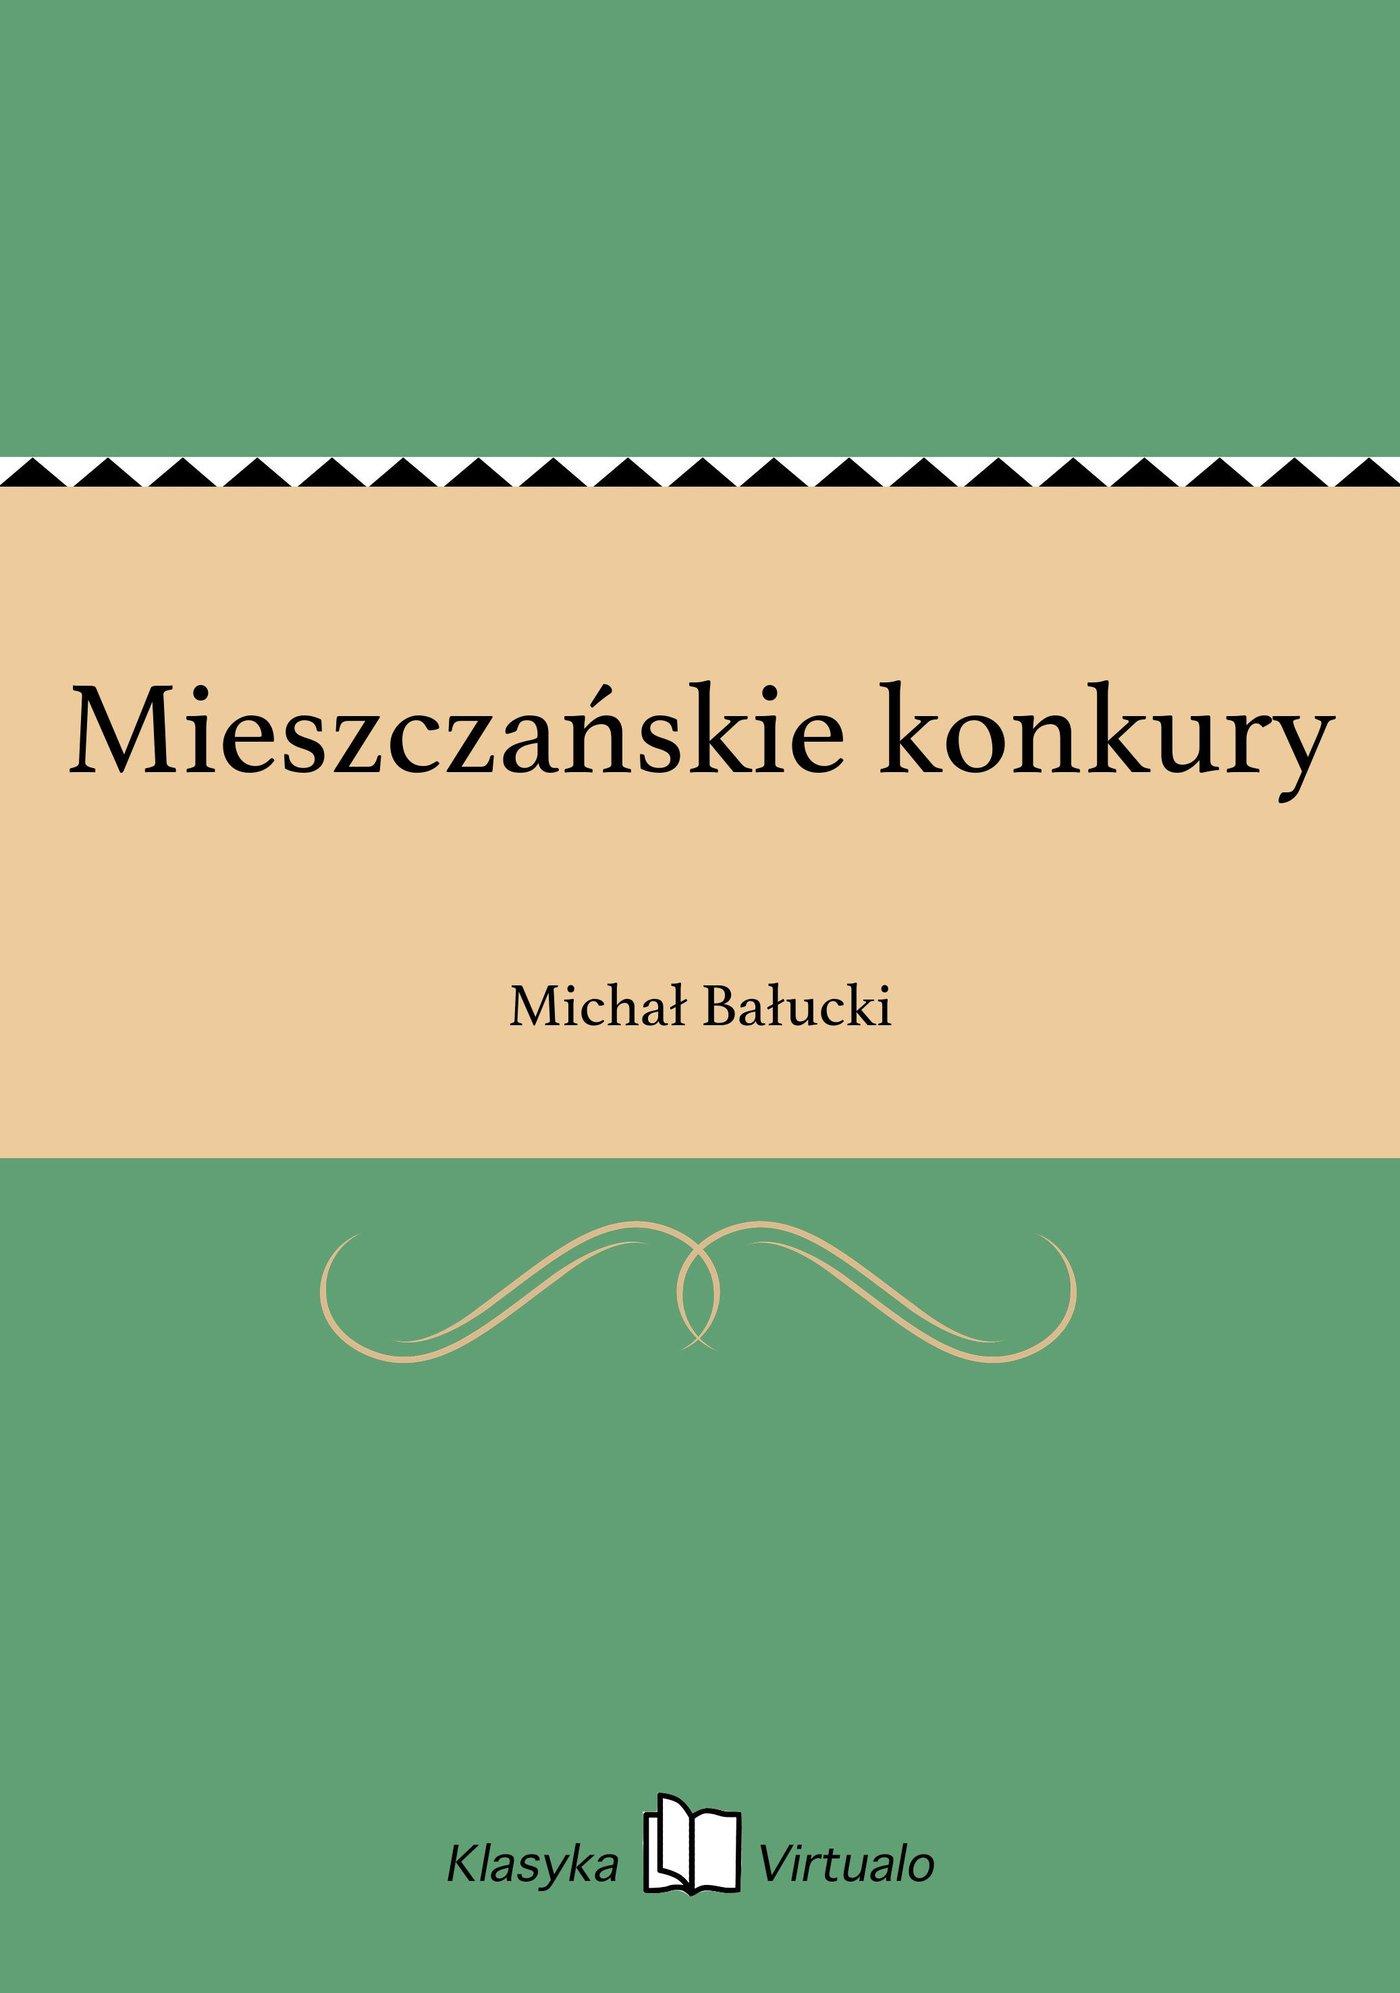 Mieszczańskie konkury - Ebook (Książka EPUB) do pobrania w formacie EPUB